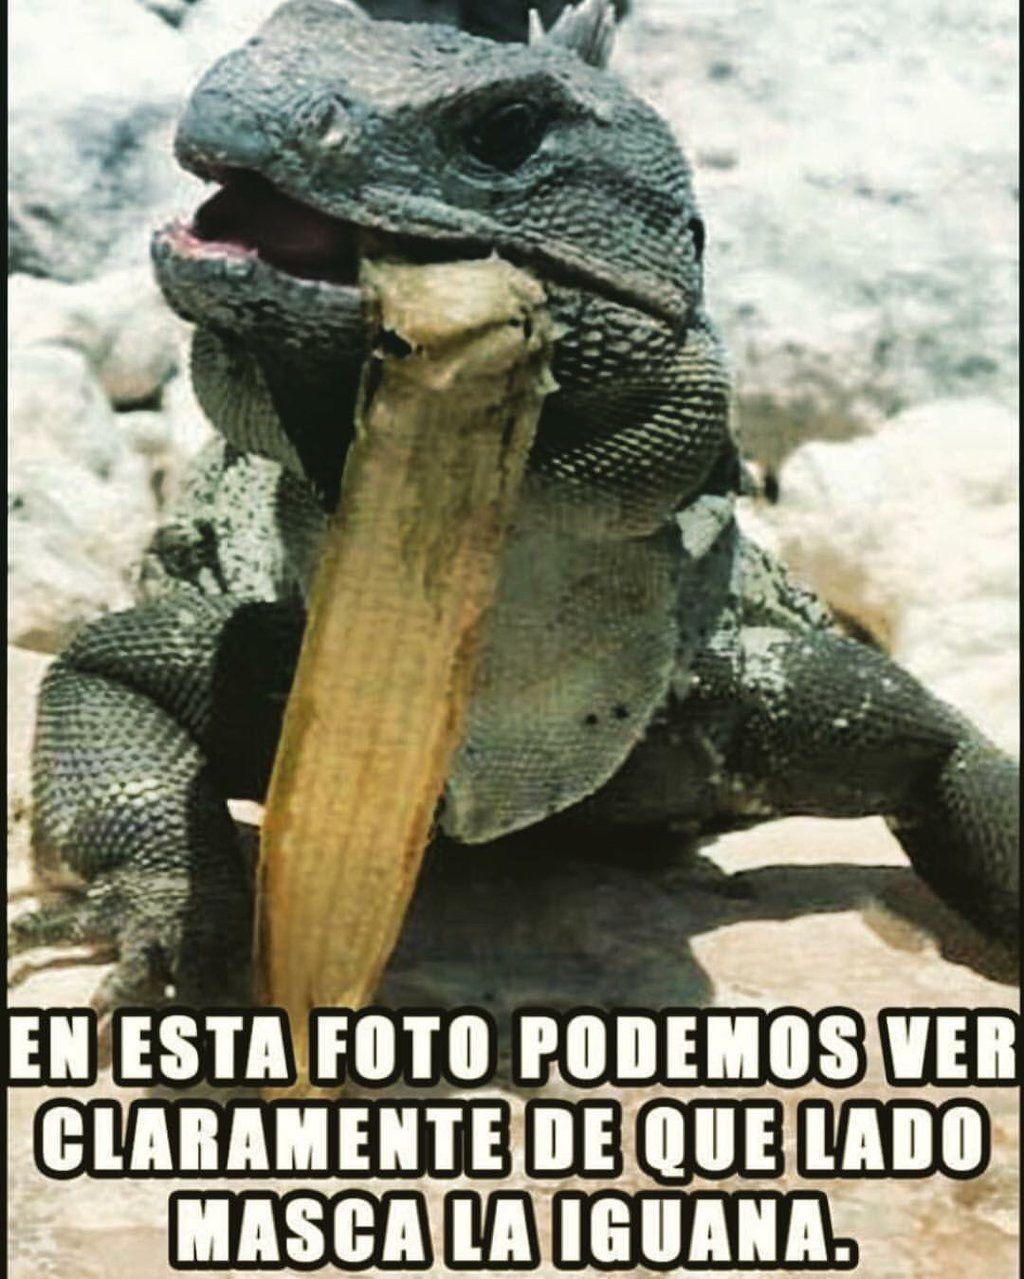 De Que Lado Masca La Iguana Iguanas Meme Divertido Humor En Espanol